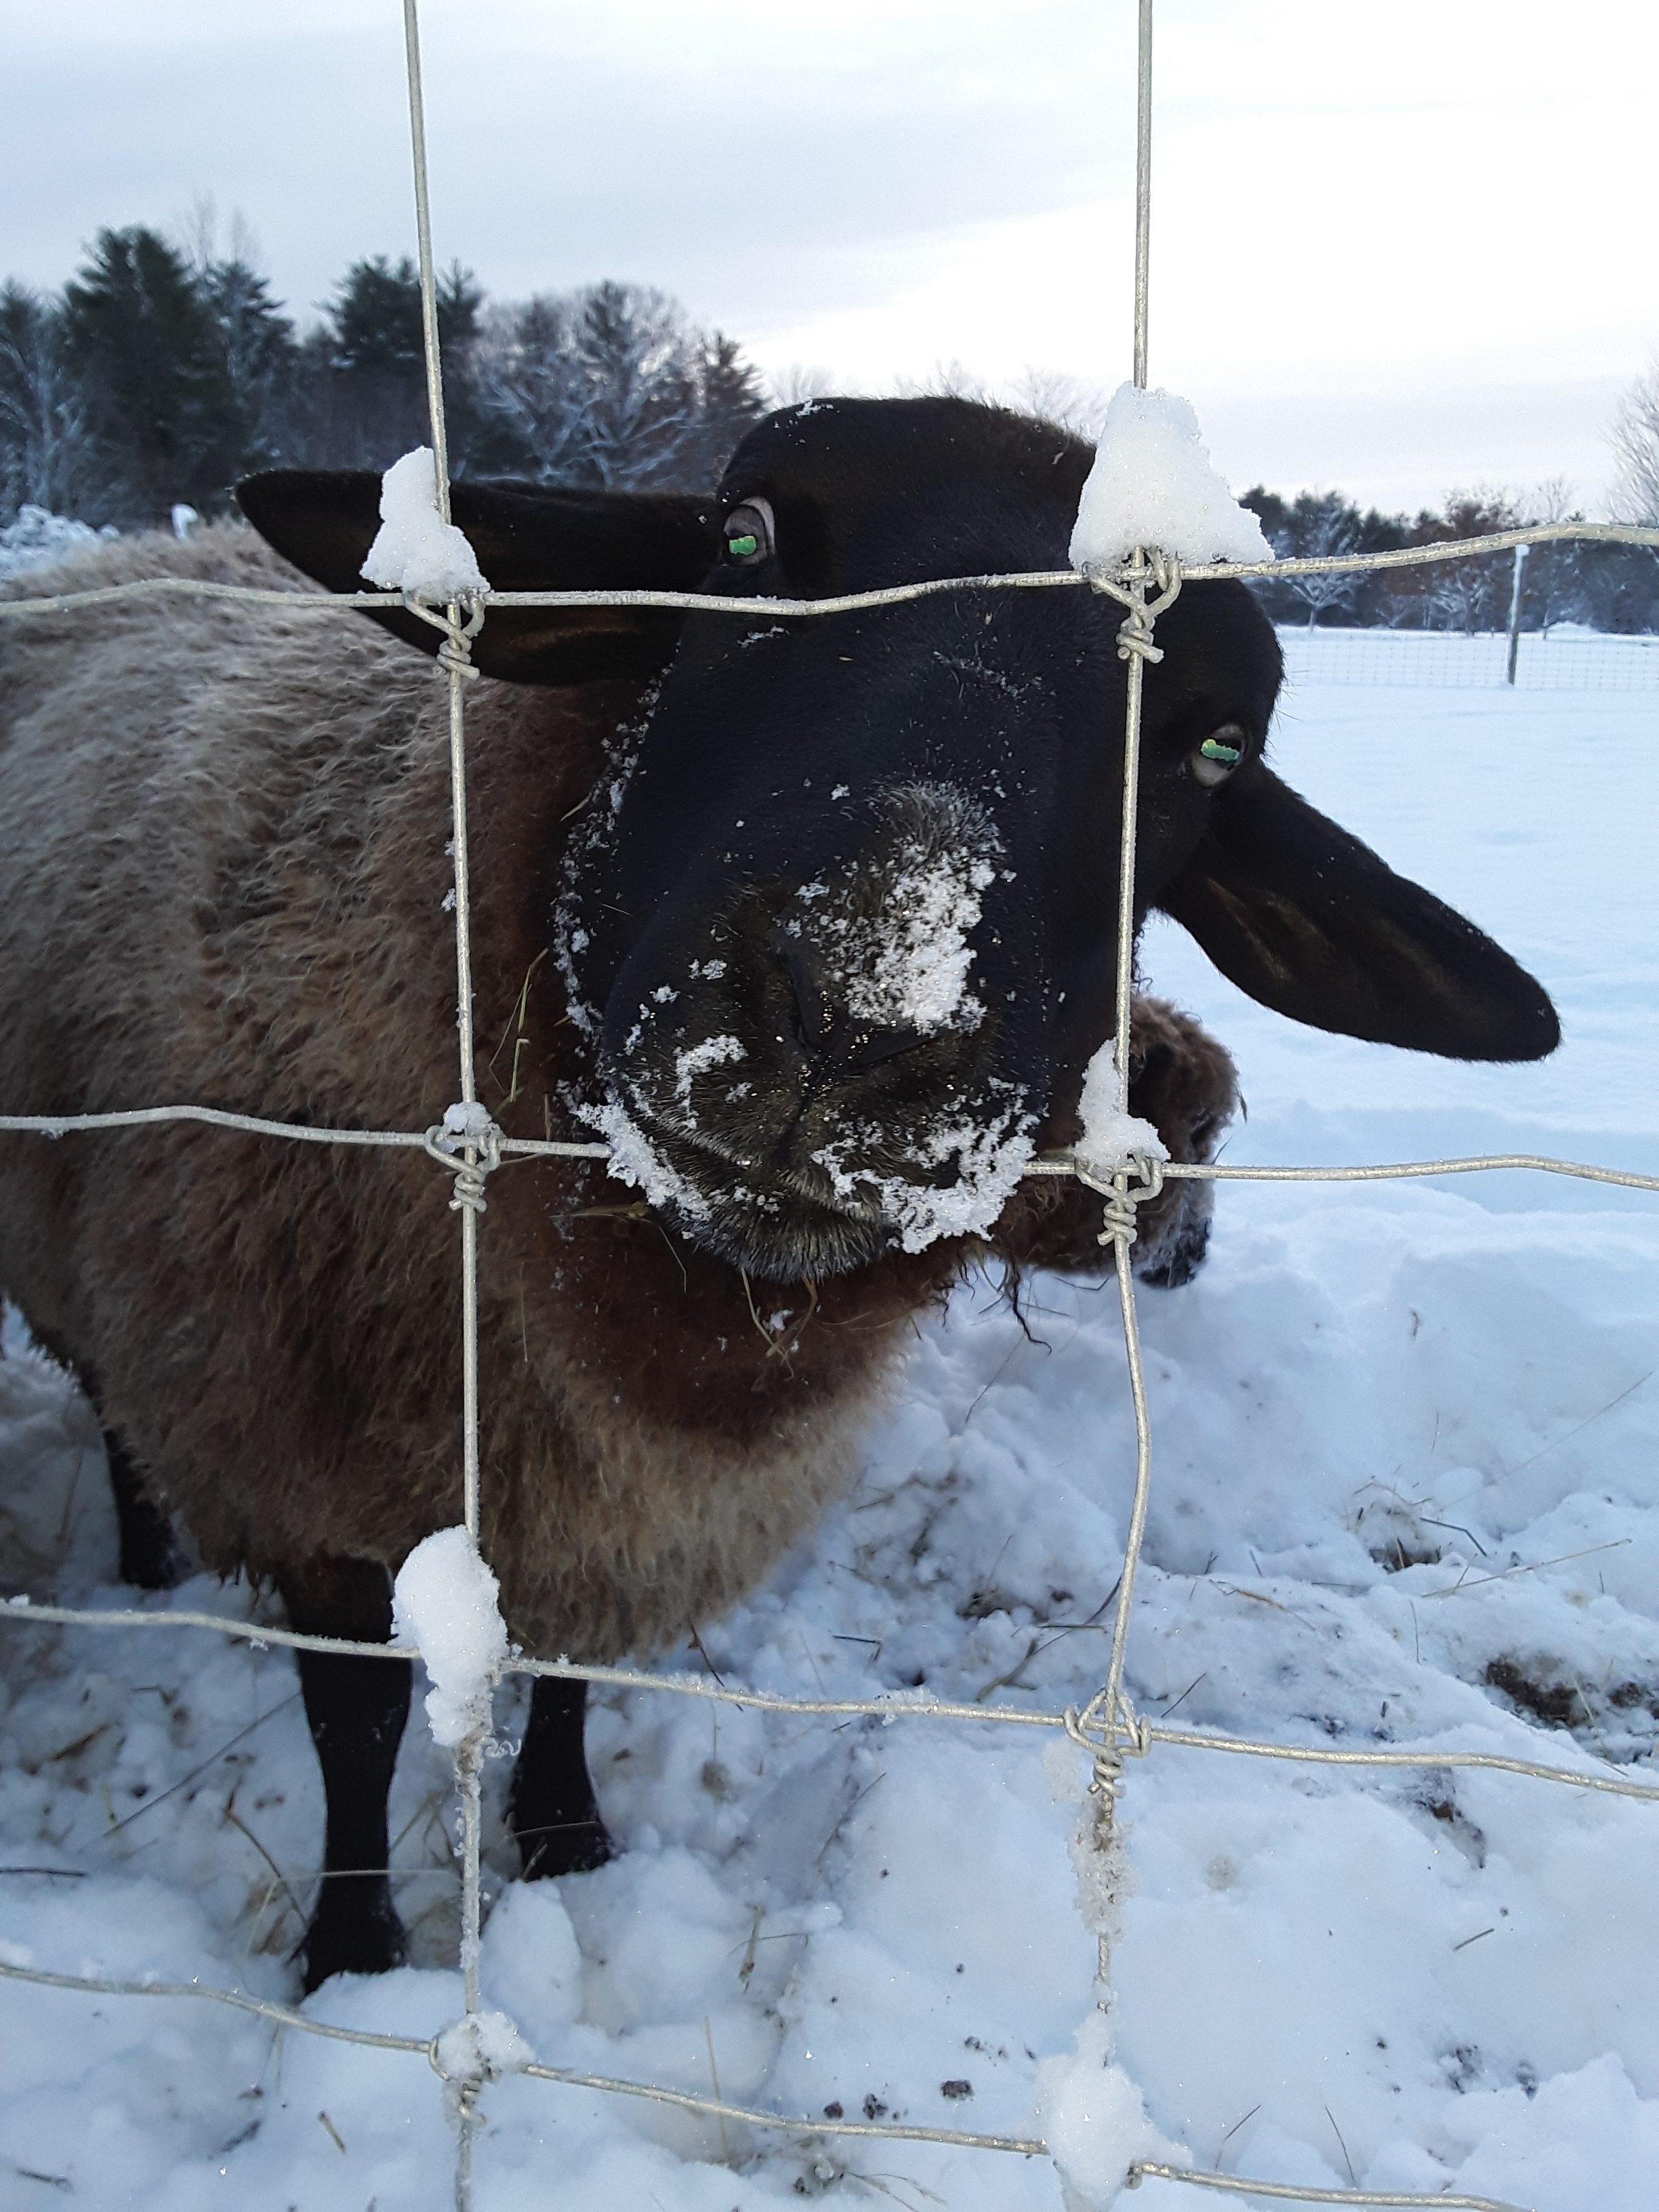 Sheep sticking his head through a gate